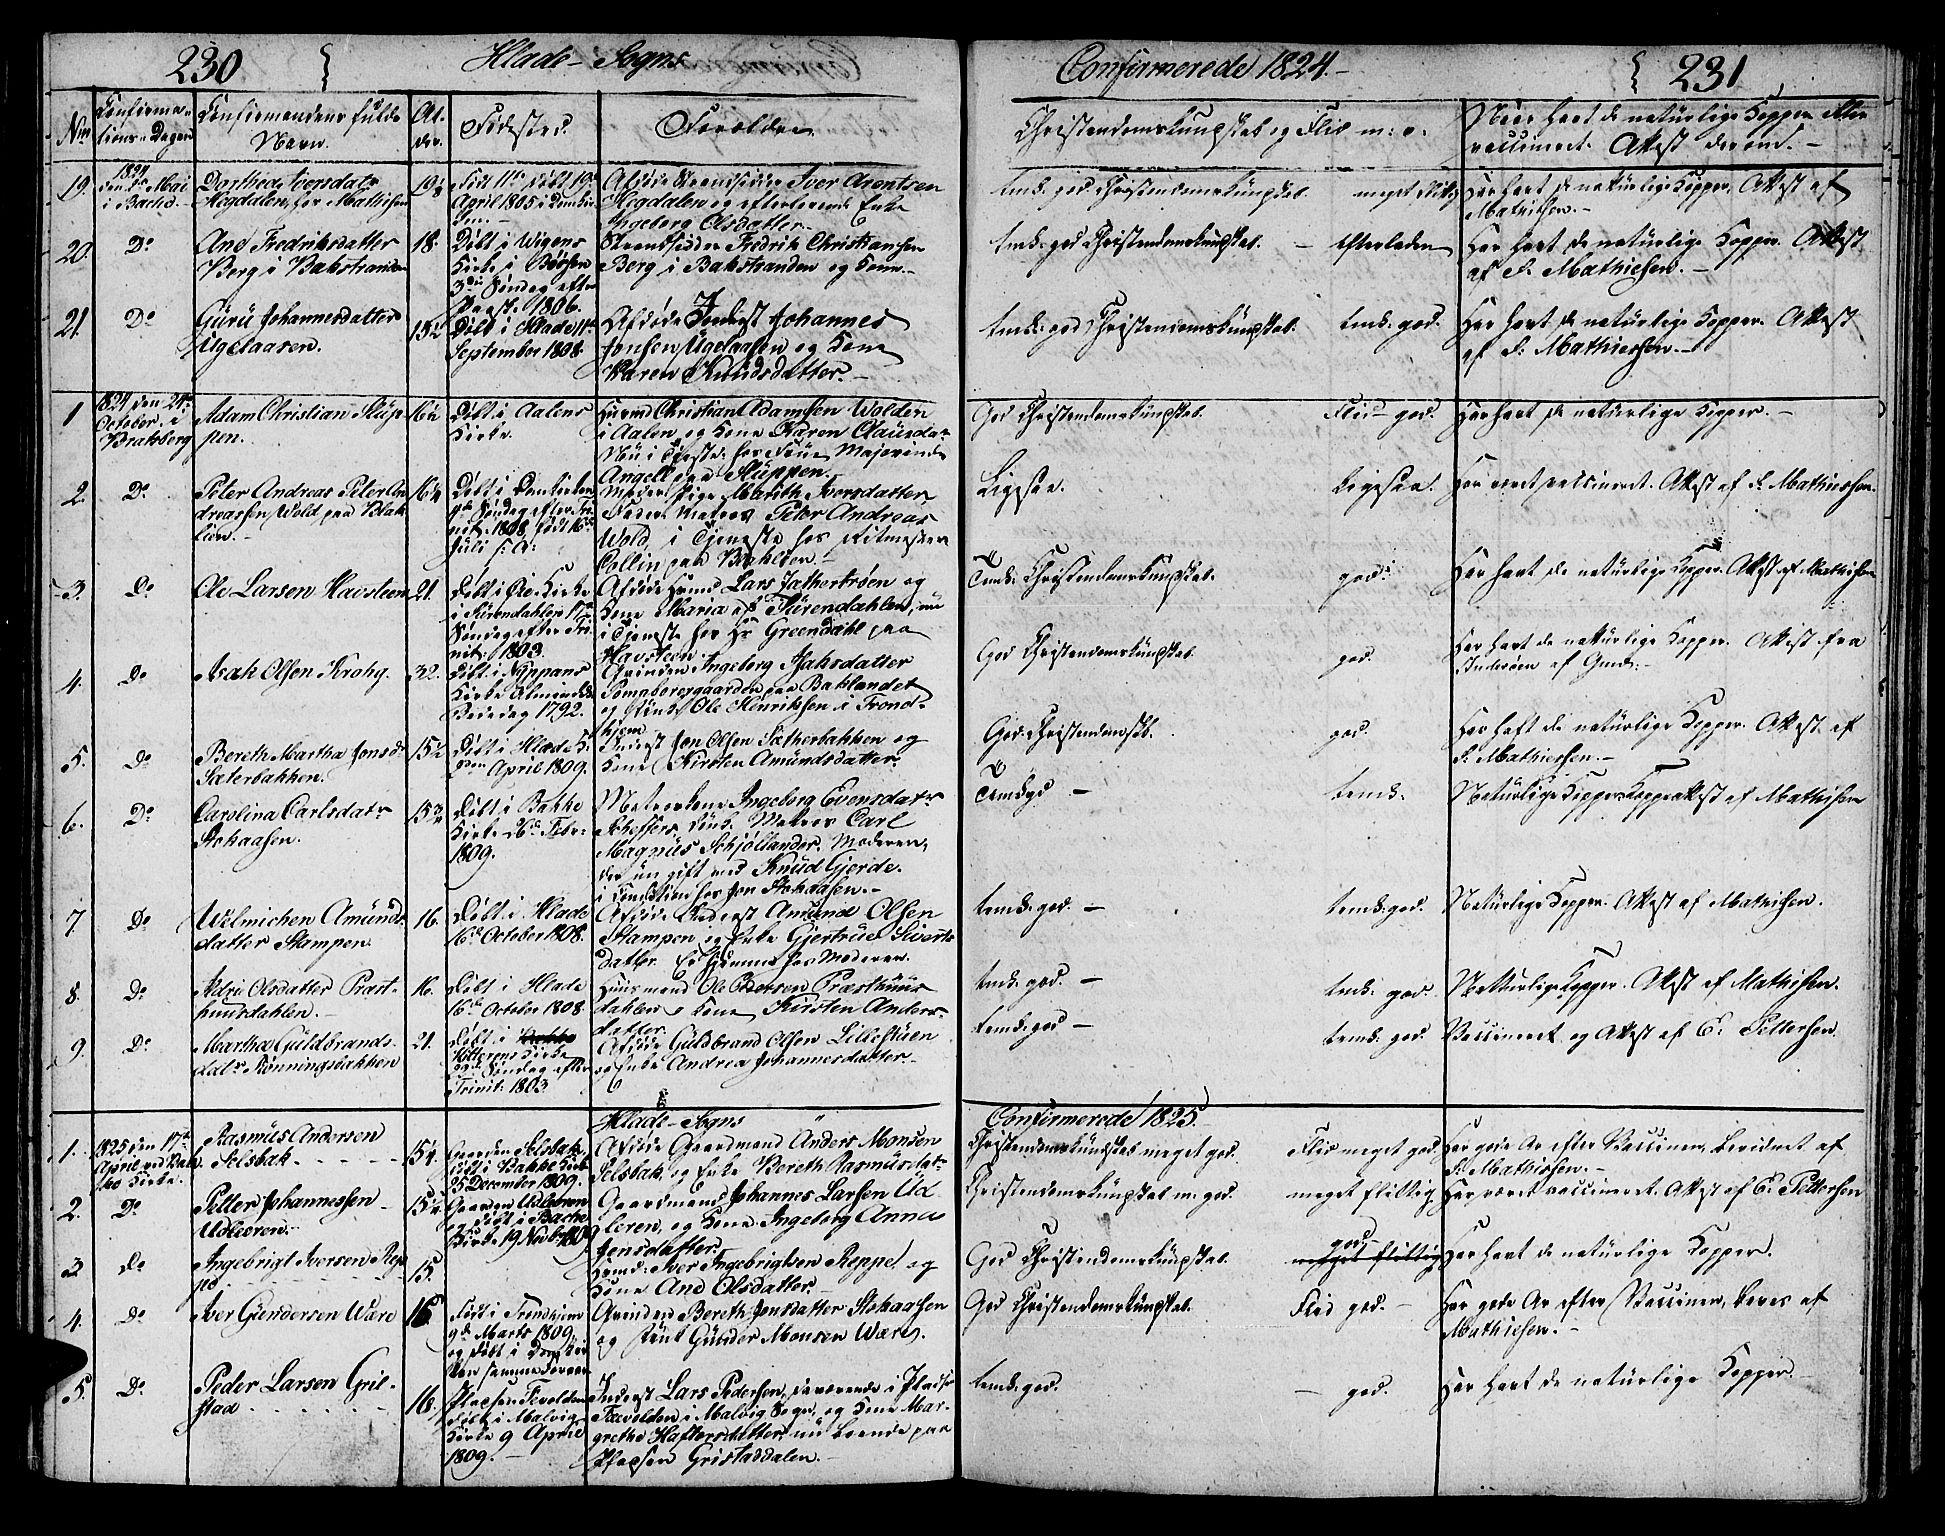 SAT, Ministerialprotokoller, klokkerbøker og fødselsregistre - Sør-Trøndelag, 606/L0306: Klokkerbok nr. 606C02, 1797-1829, s. 230-231